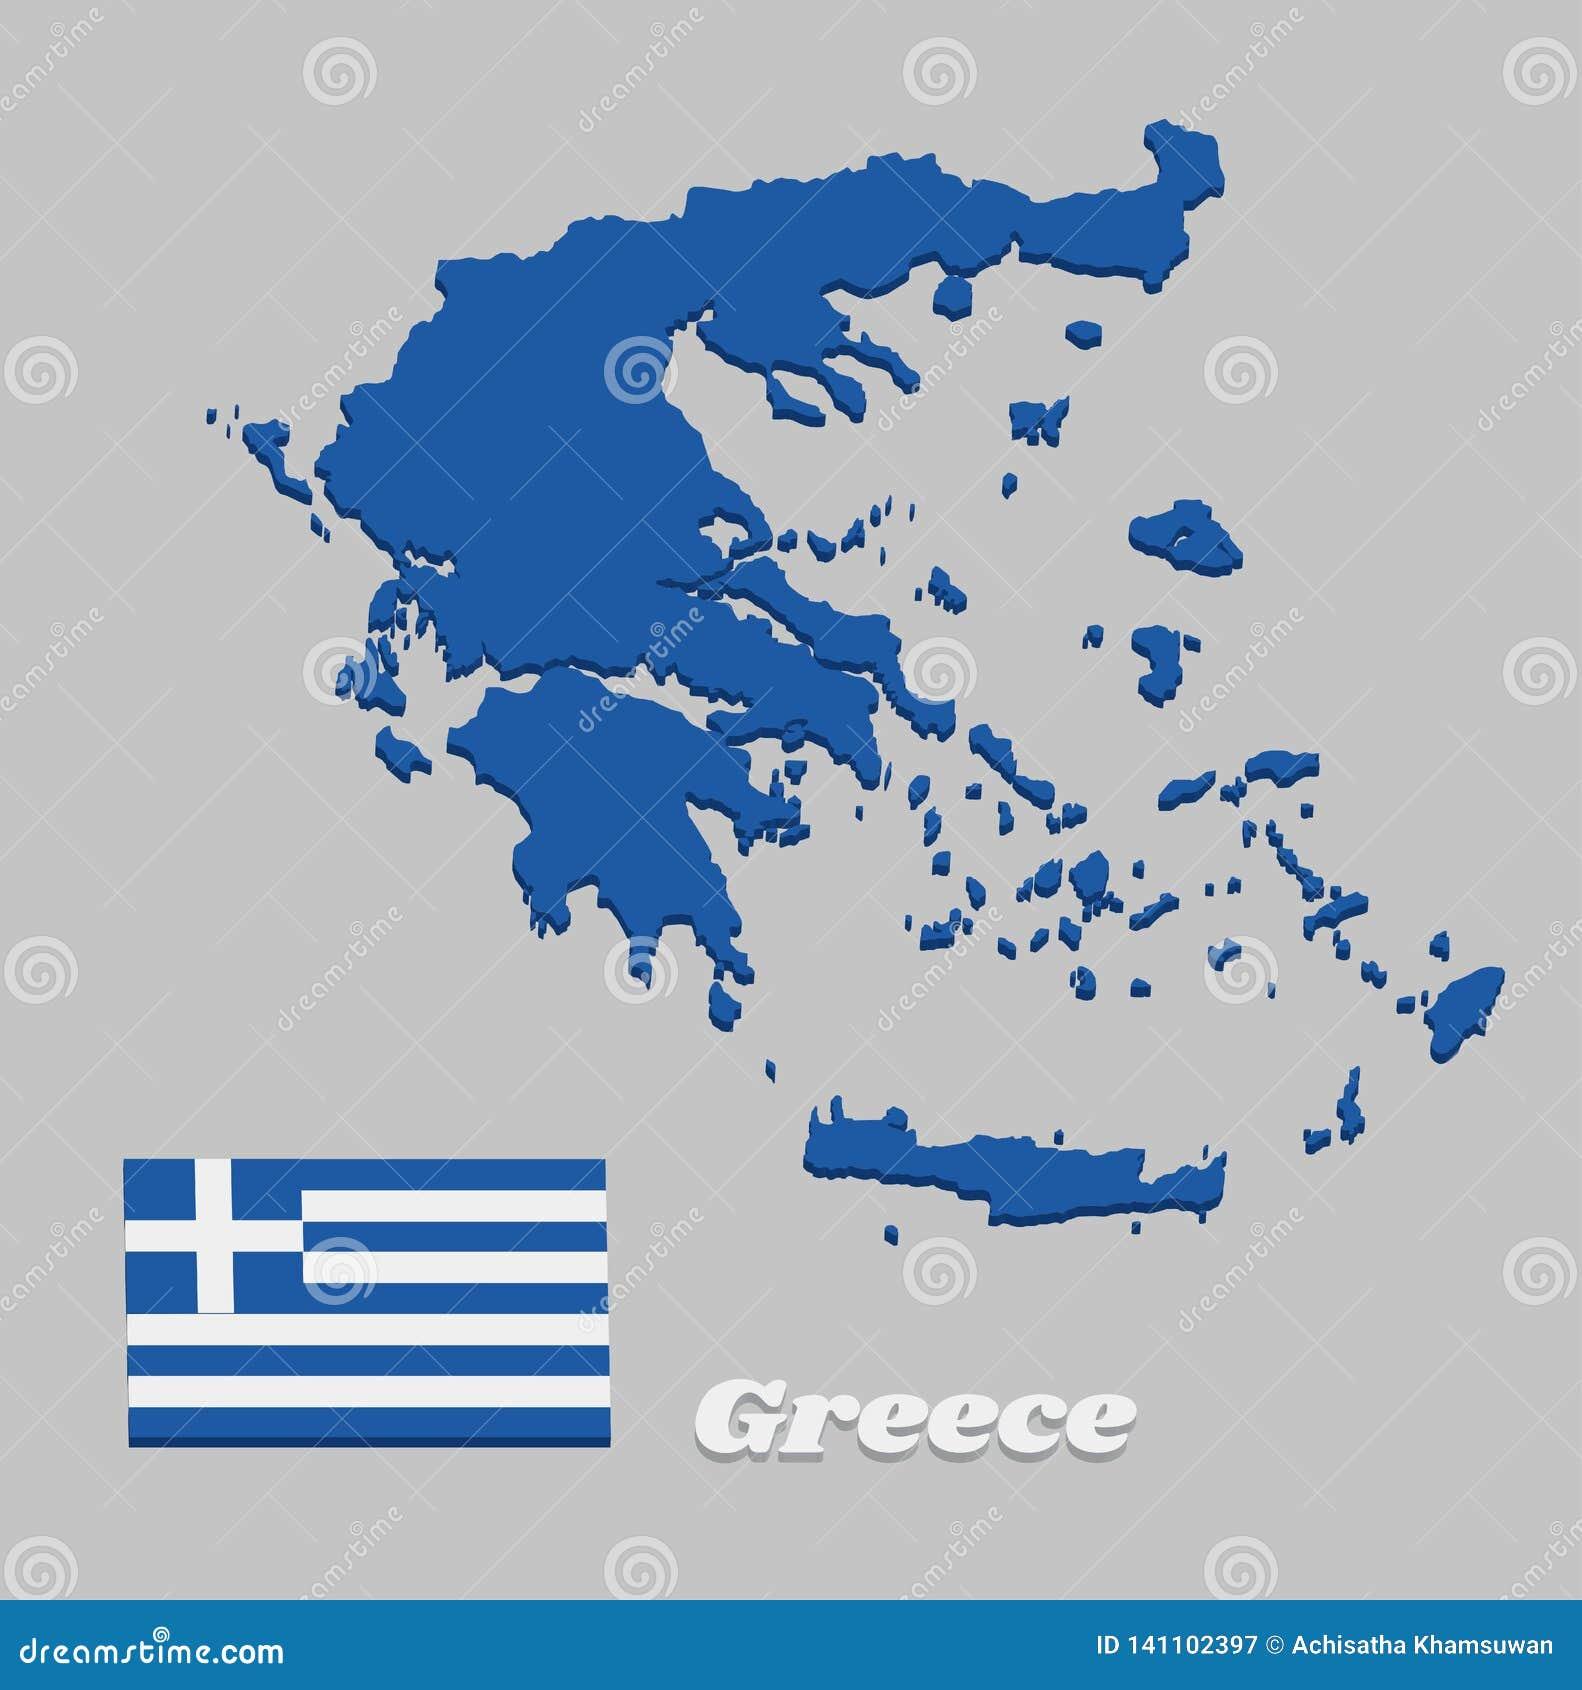 3D Kaartoverzicht en vlag van Griekenland, Negen horizontale strepen, op zijn beurt blauw en wit; een wit kruis op een blauw vier